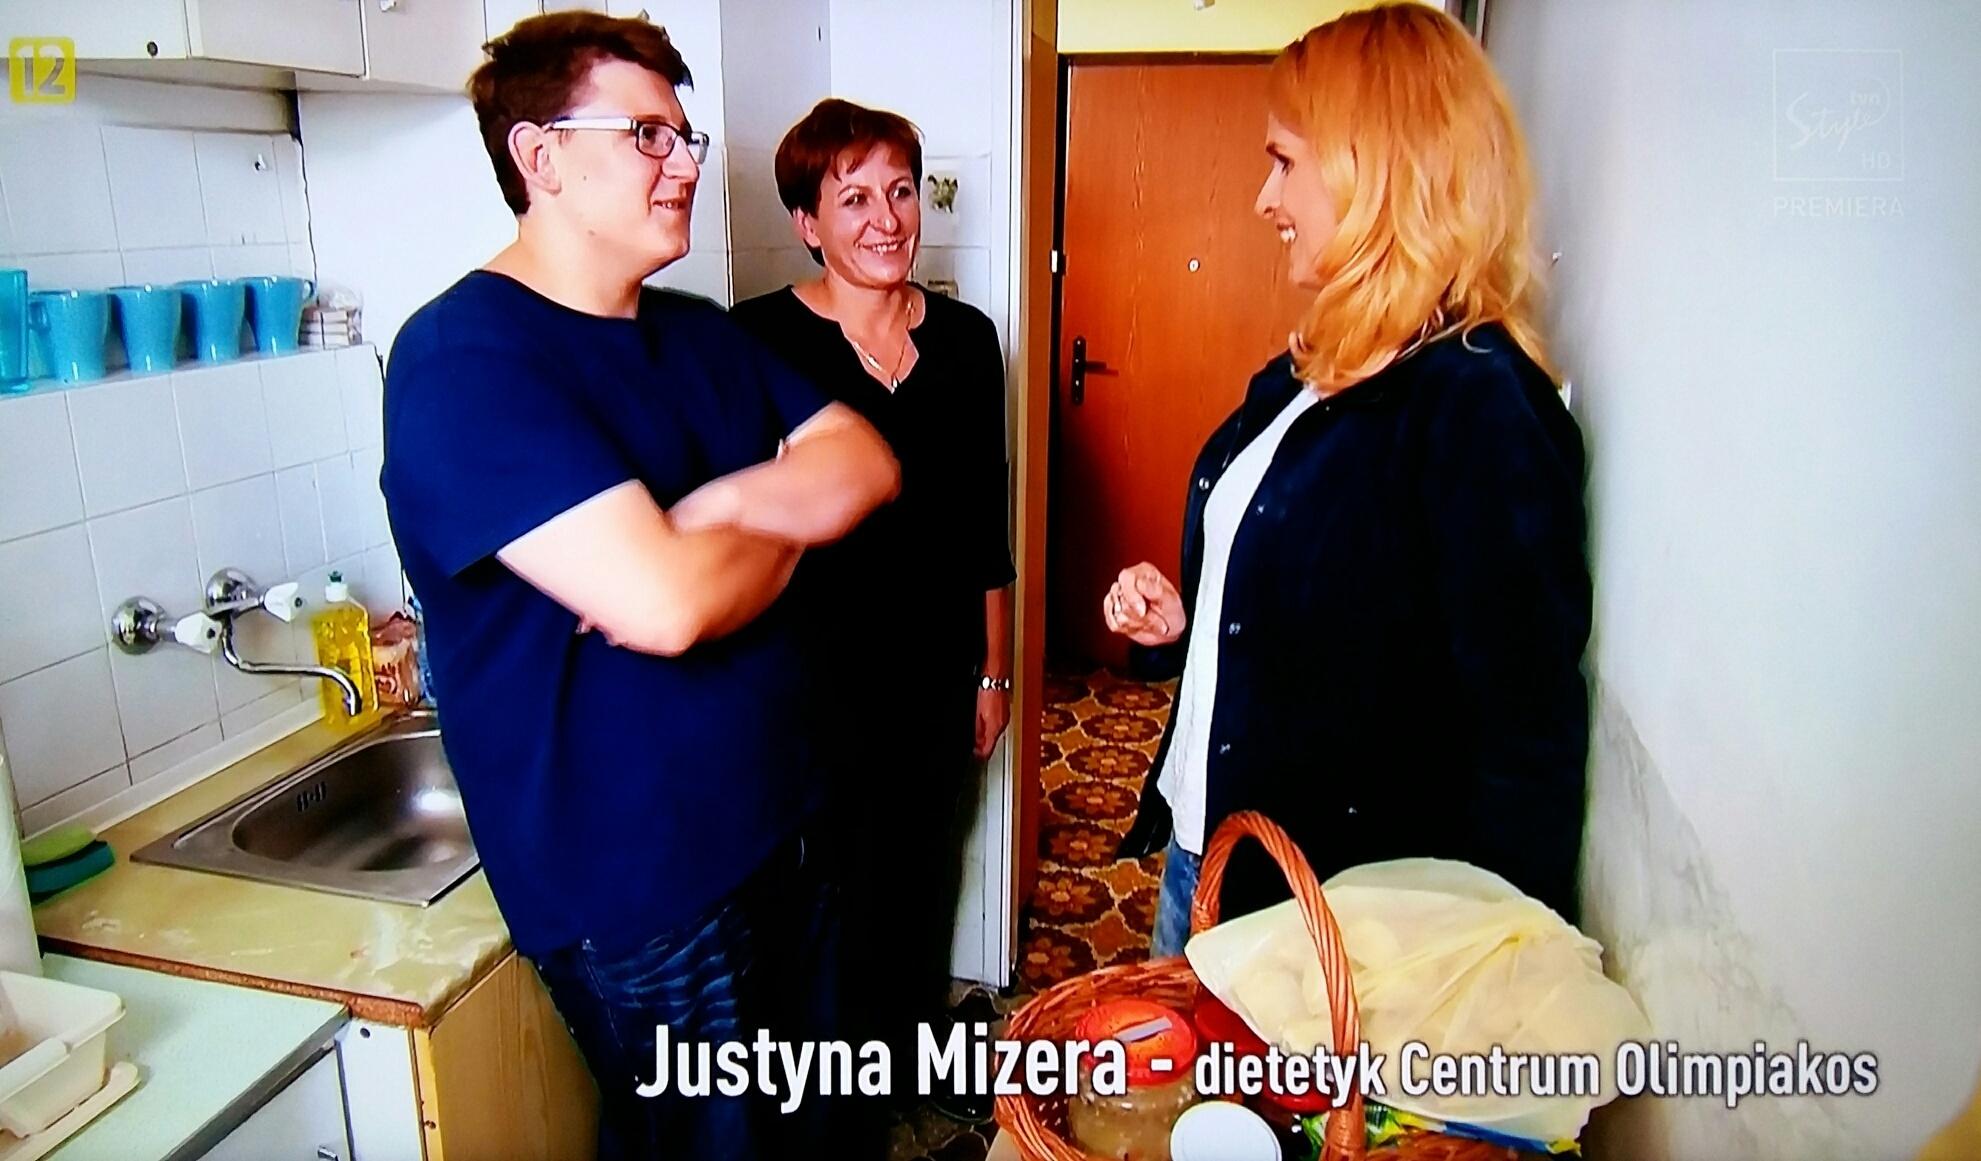 Justyna Mizera Cofnij Czas dietetyk